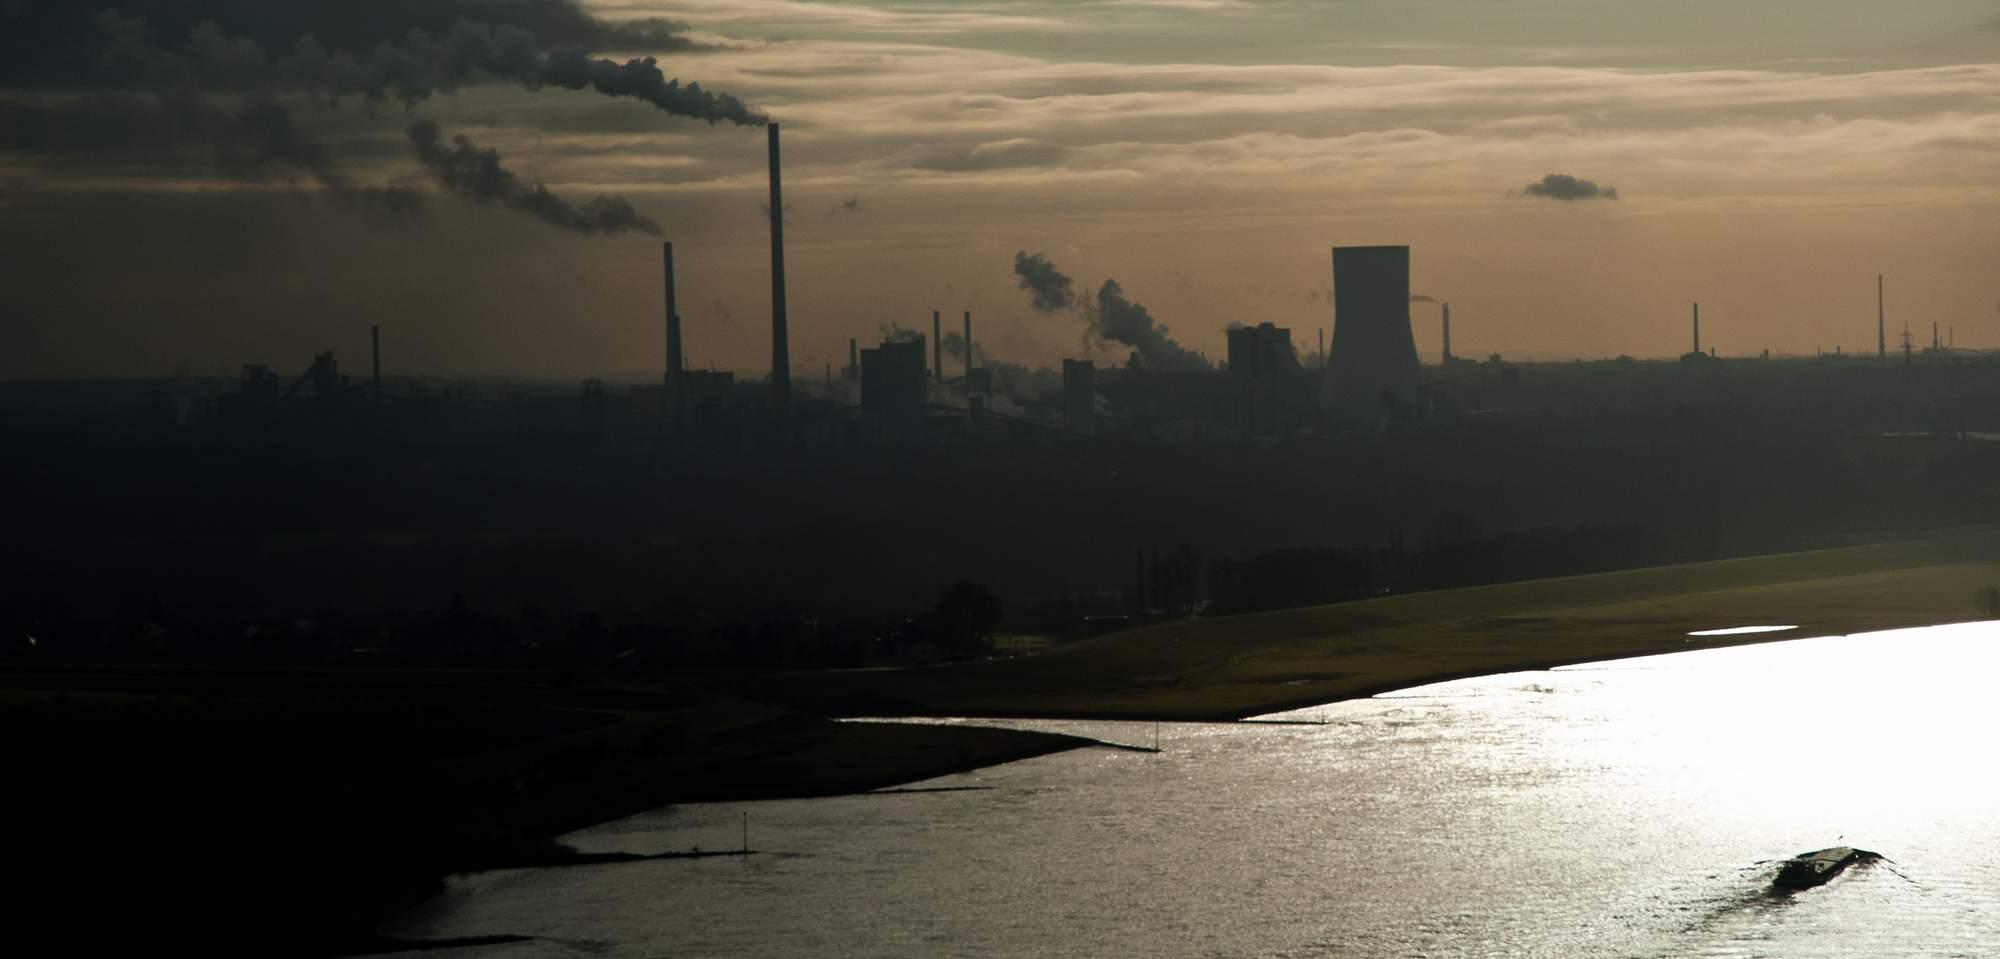 Termin für die Bürgerinformation zur Kraftwerksfläche